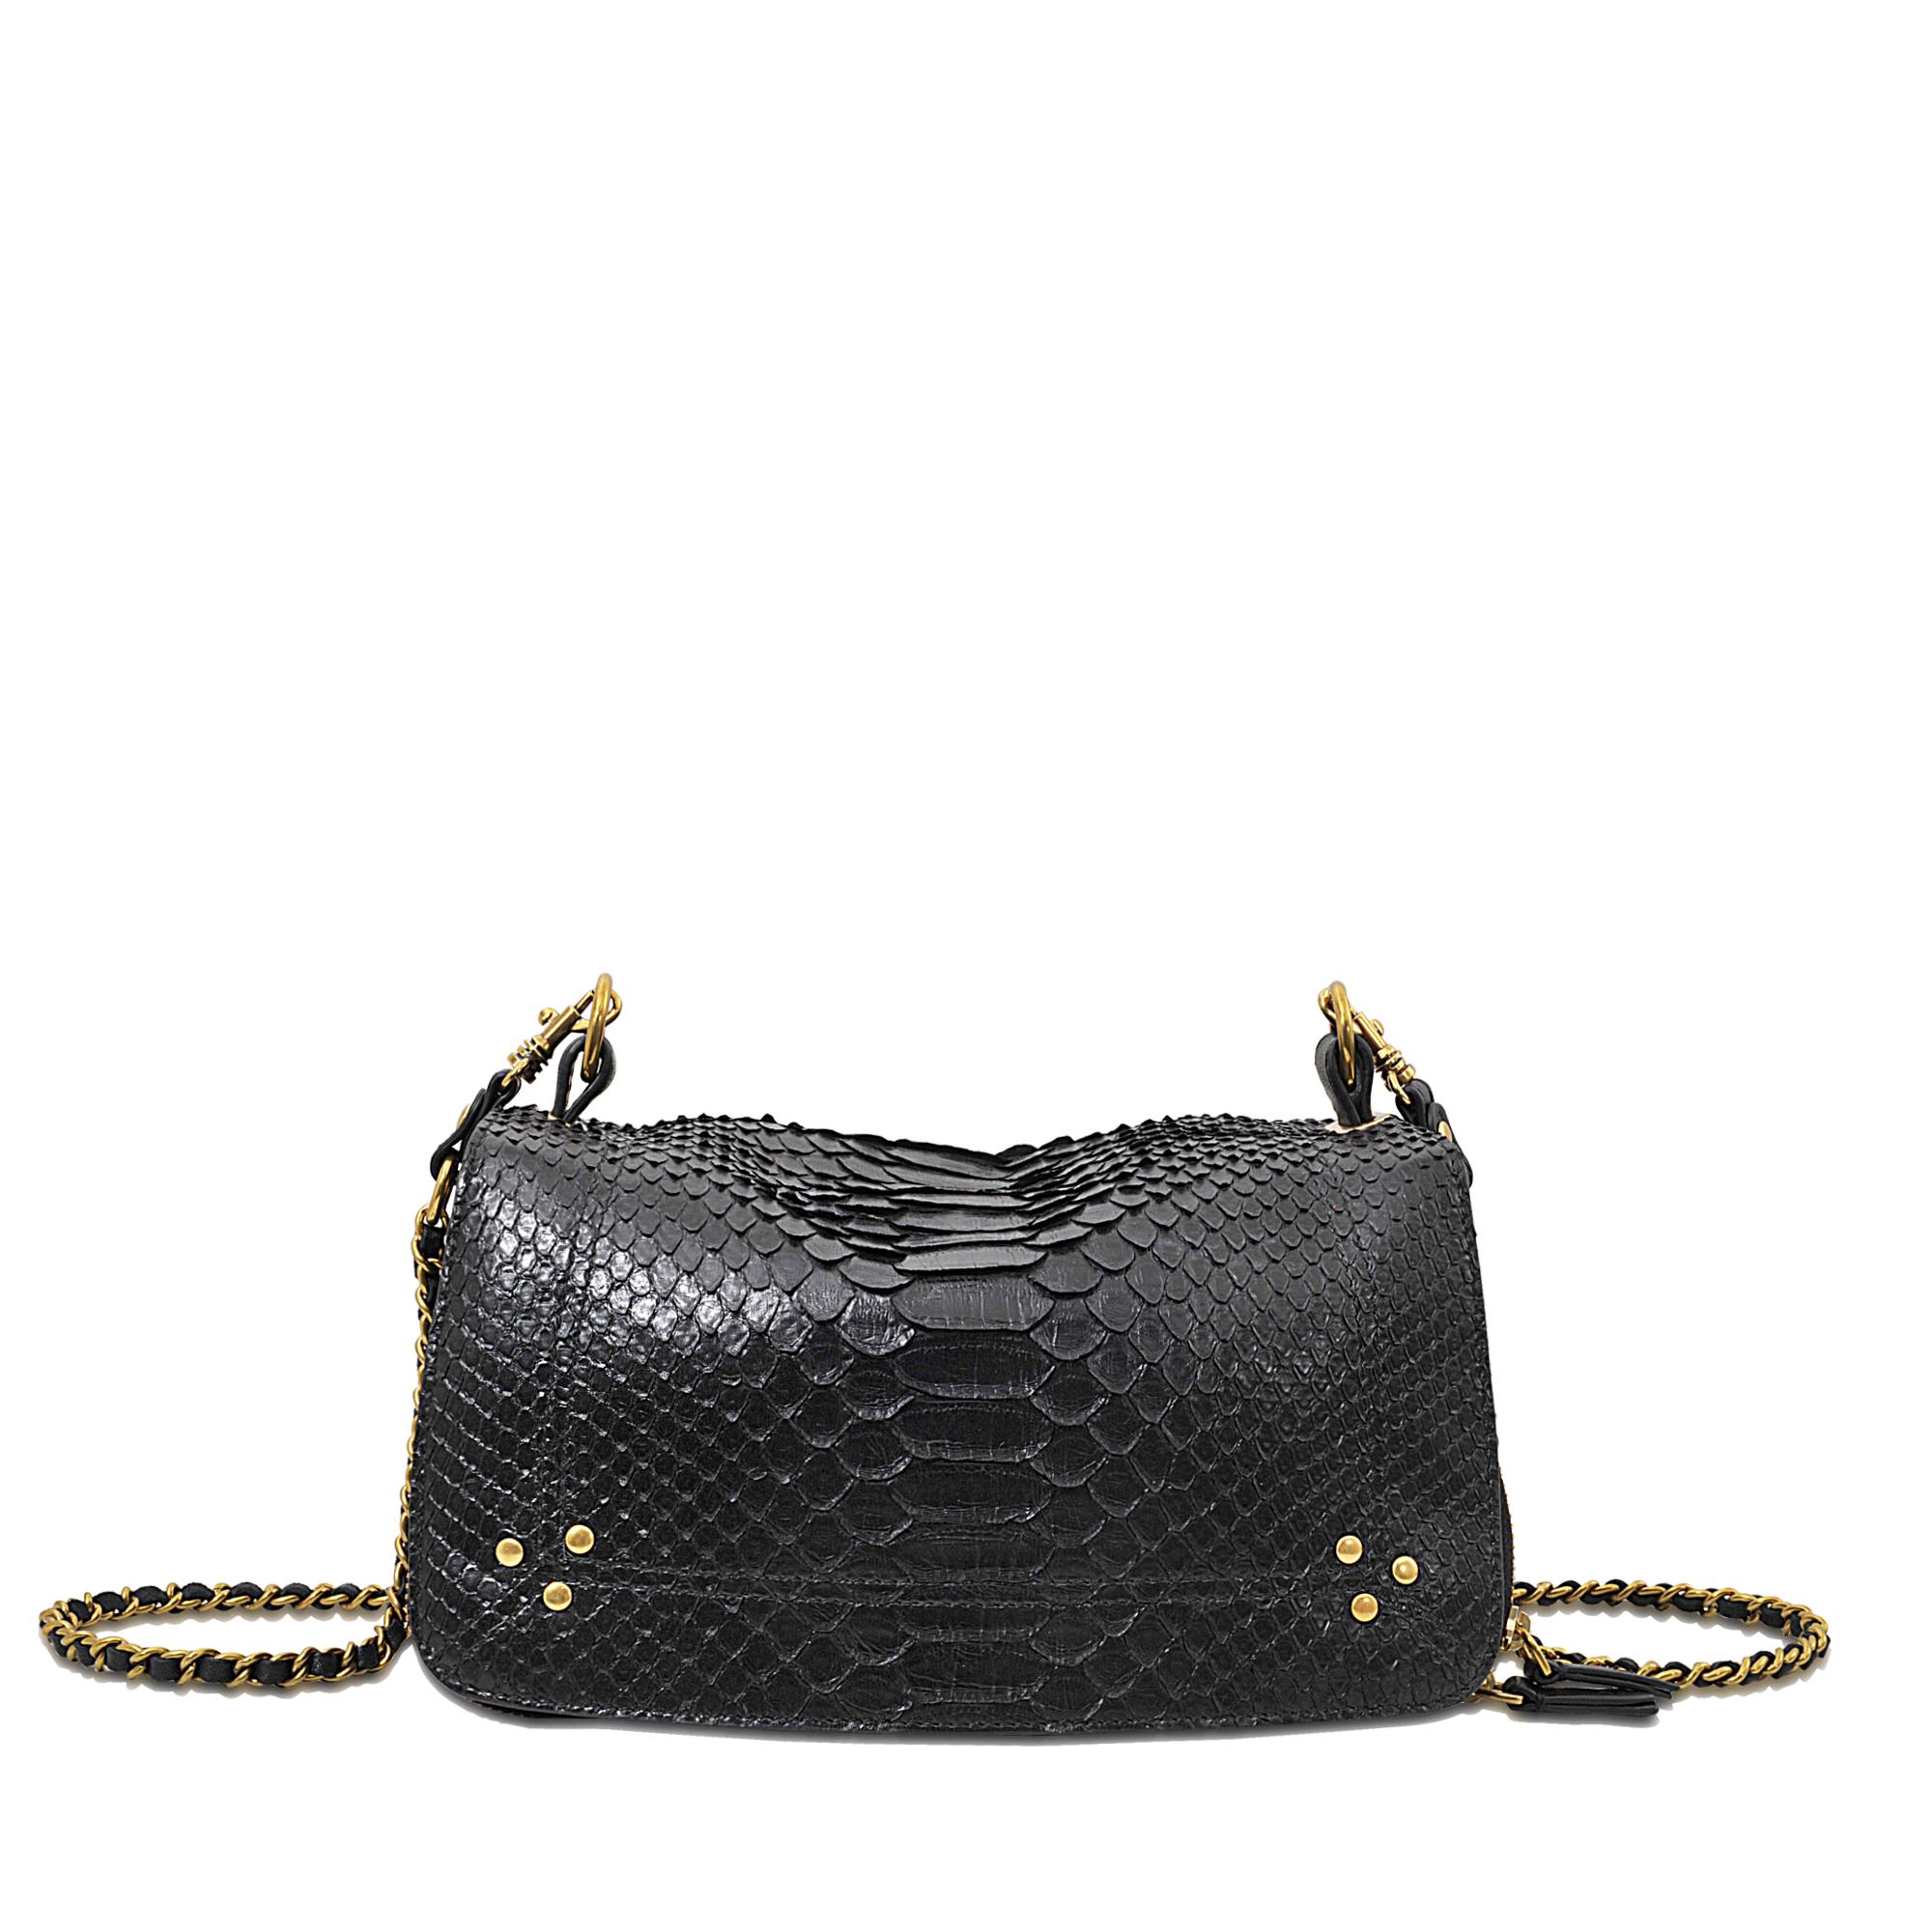 Jrme Dreyfuss Bobi Python Shoulder Bag In Black Lyst